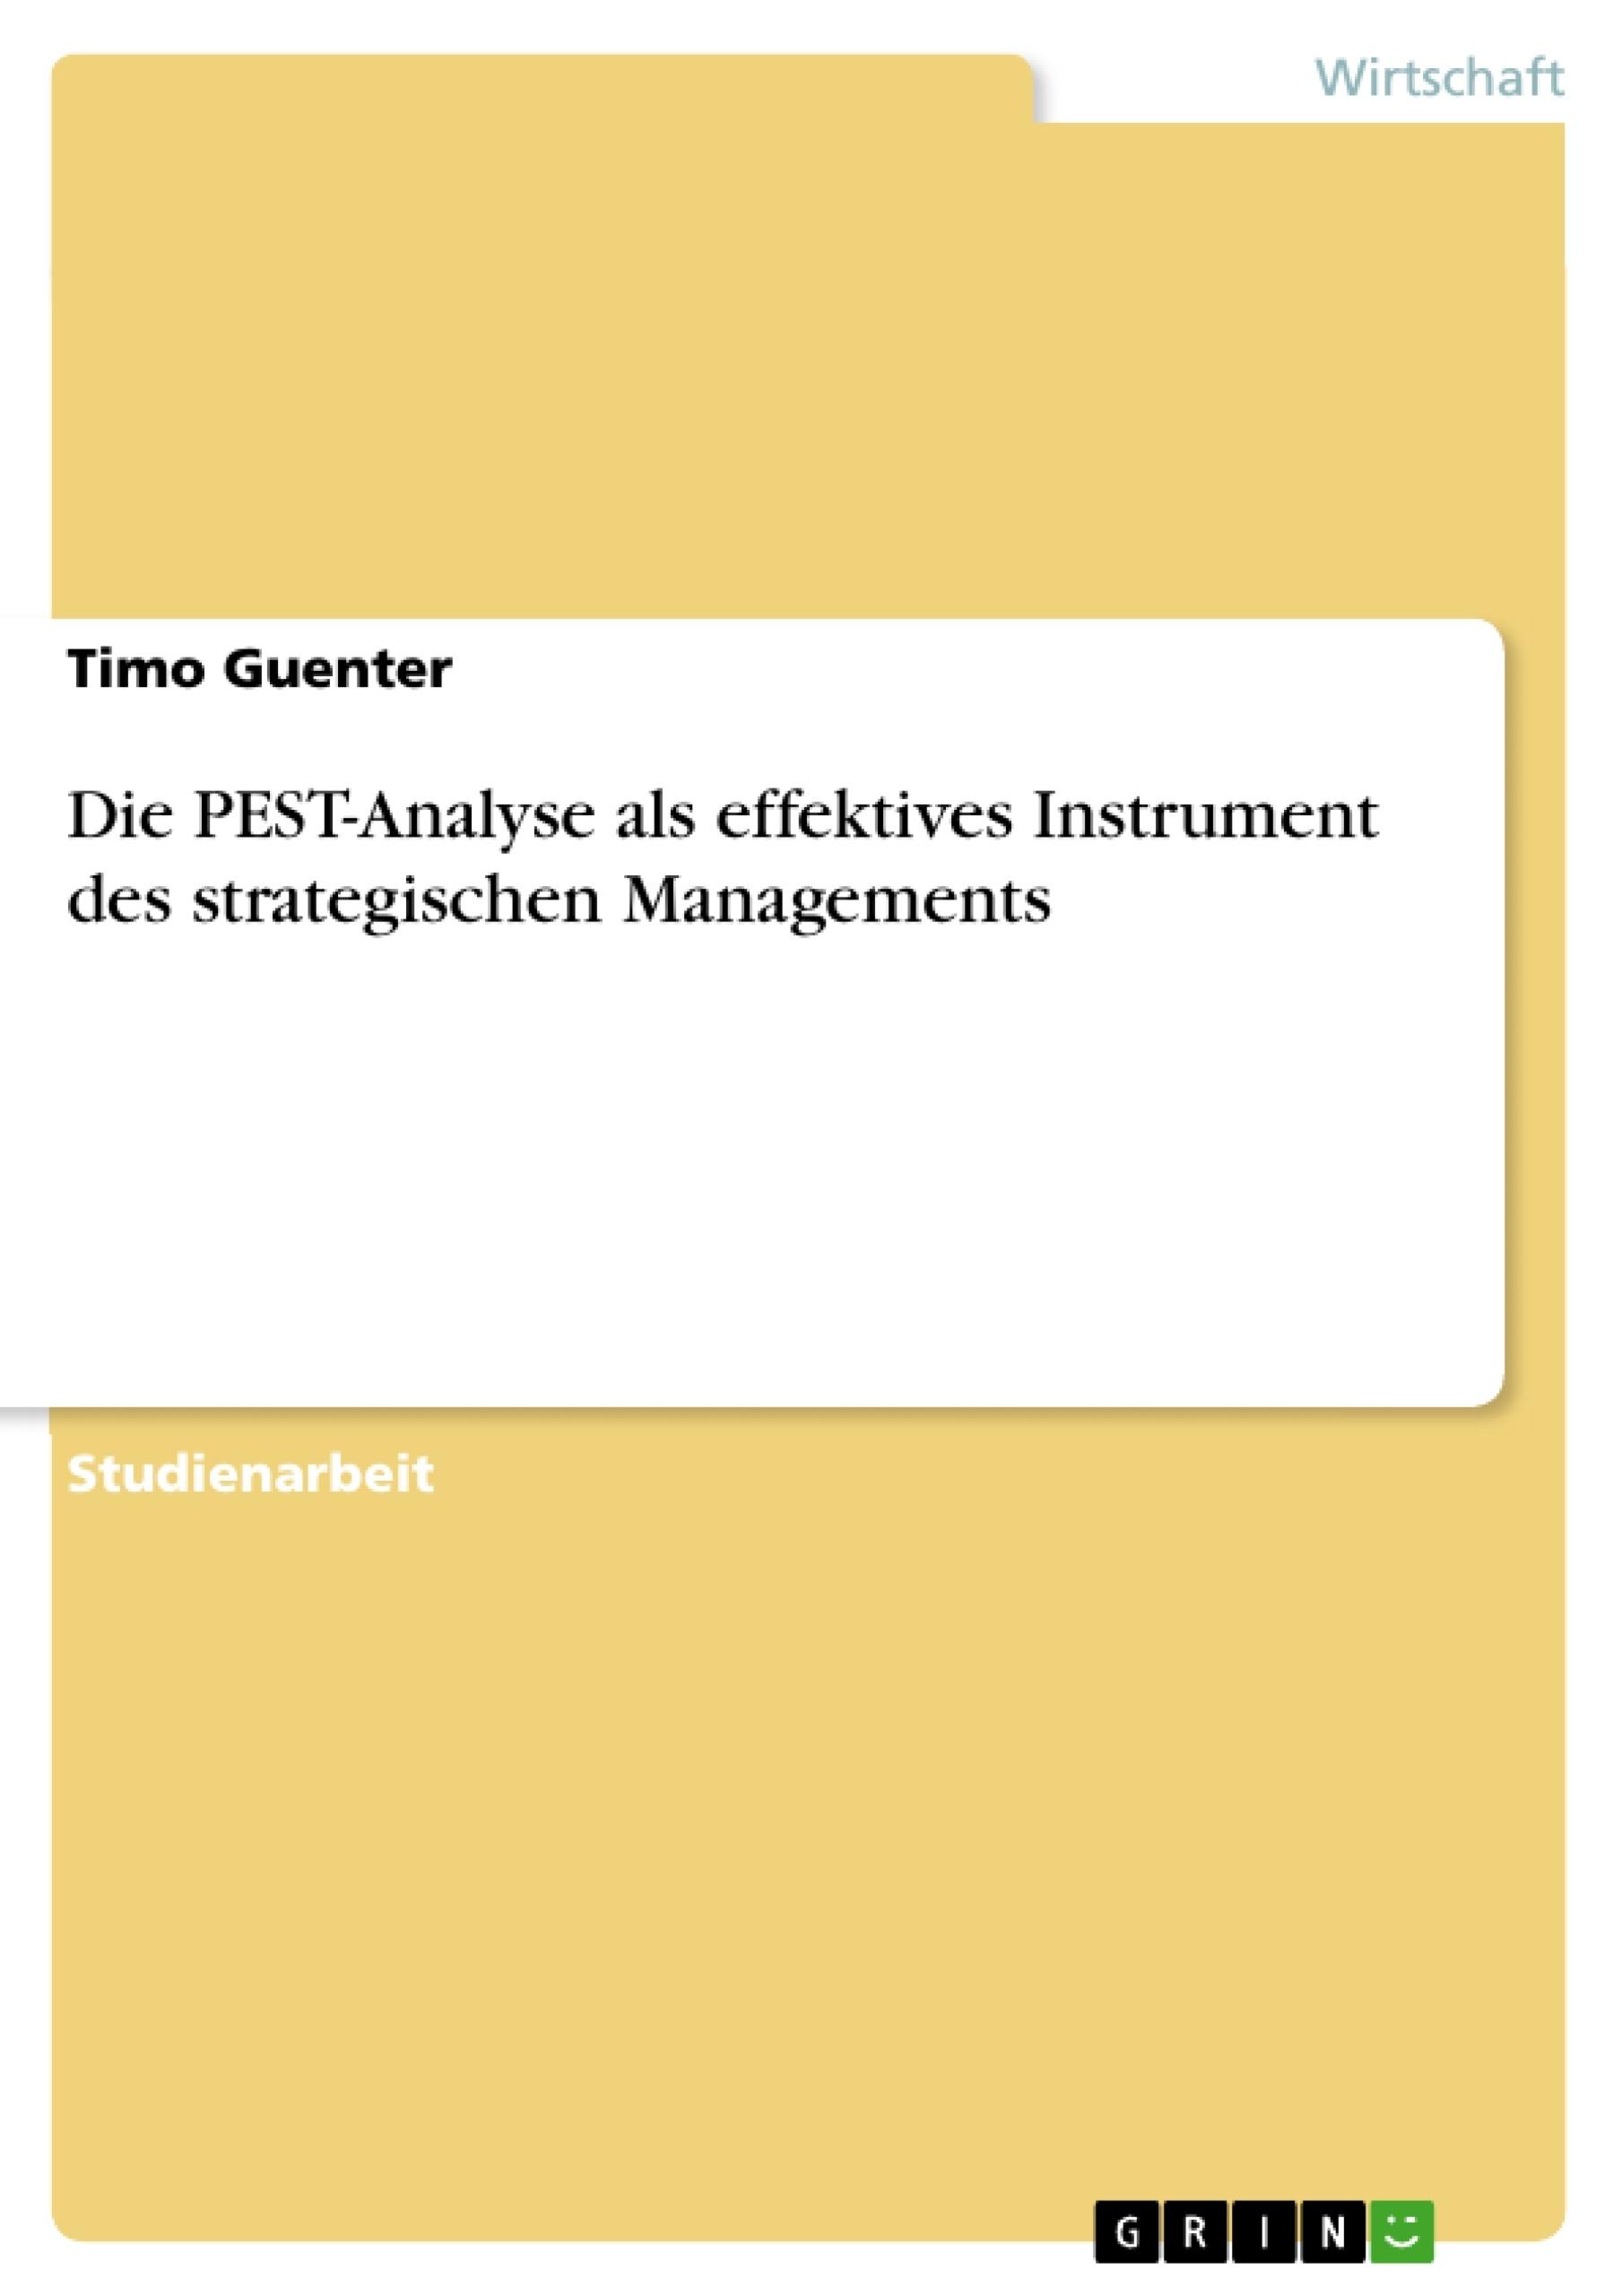 Titel: Die PEST-Analyse als effektives Instrument des strategischen Managements